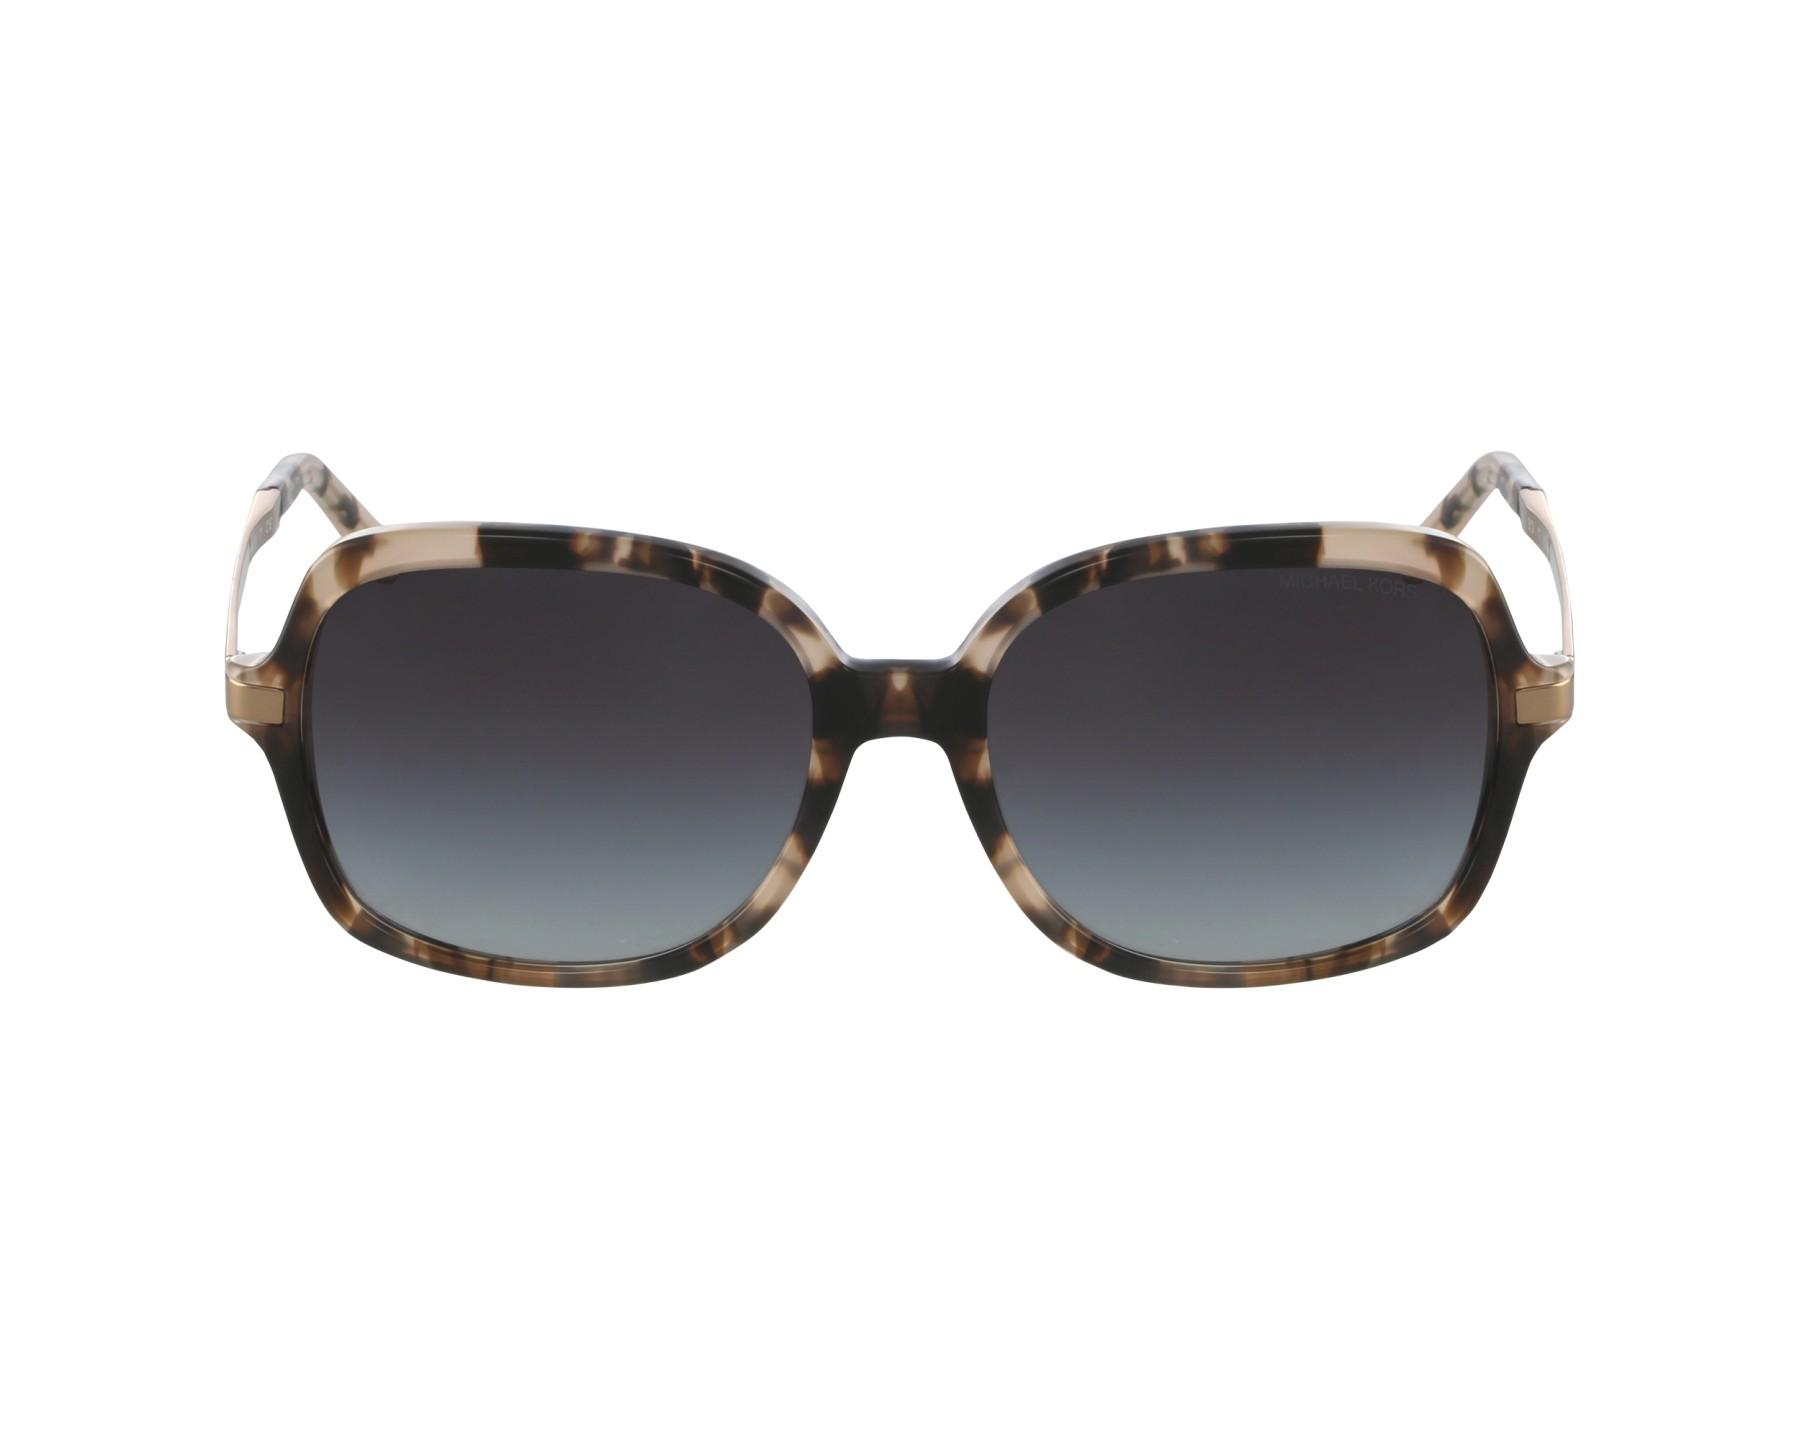 9c39e94ea5 Sunglasses Michael Kors MK-2024 3162 13 - Pink profile view